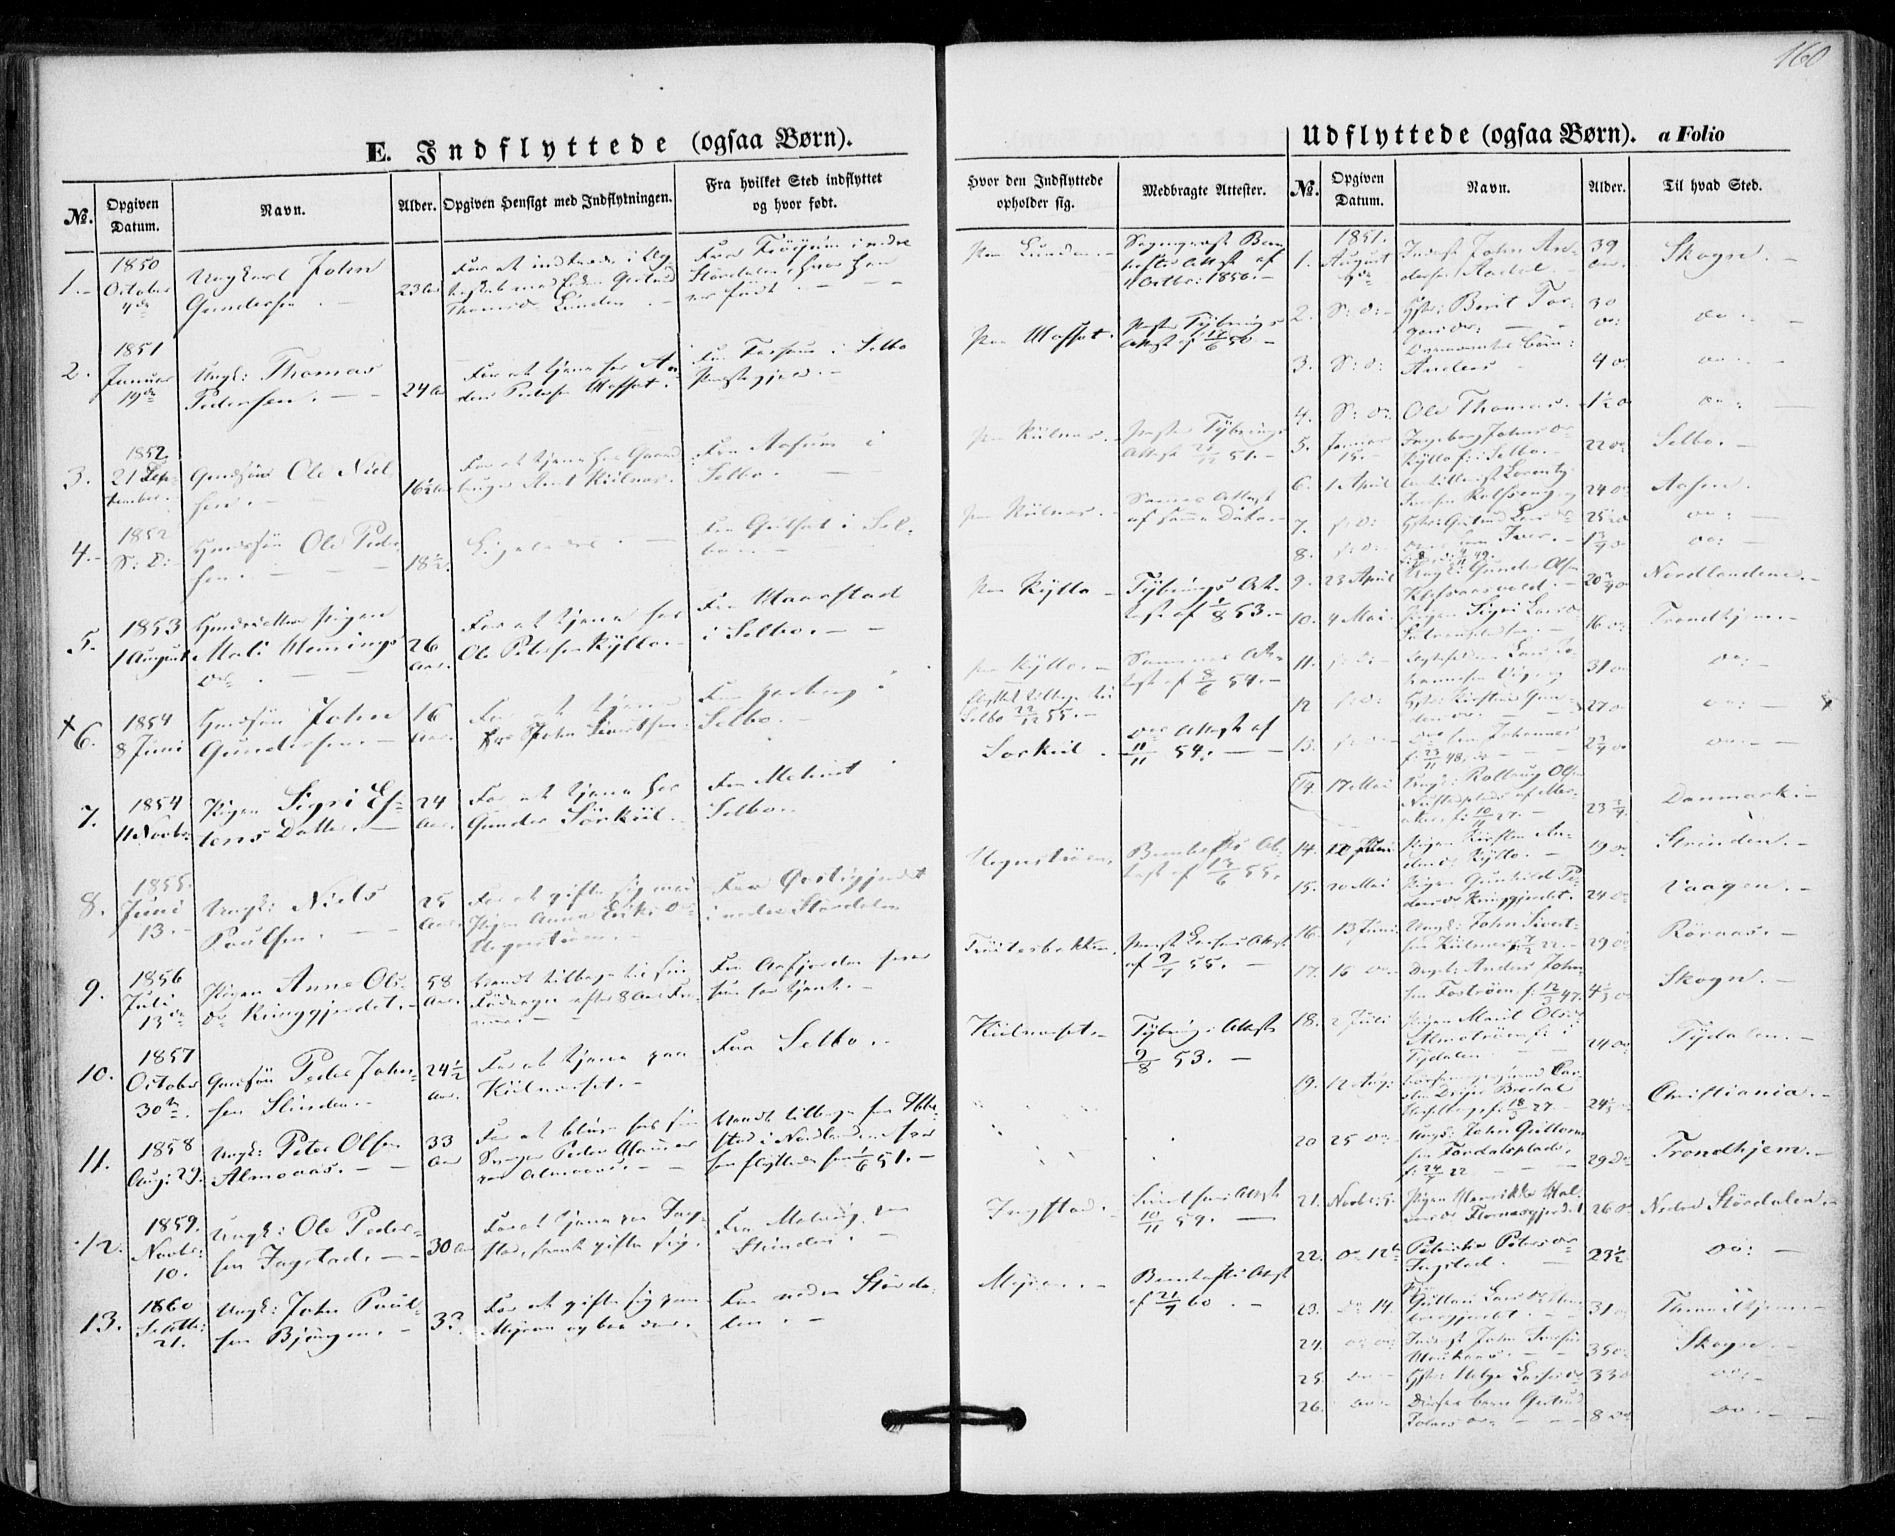 SAT, Ministerialprotokoller, klokkerbøker og fødselsregistre - Nord-Trøndelag, 703/L0028: Parish register (official) no. 703A01, 1850-1862, p. 160